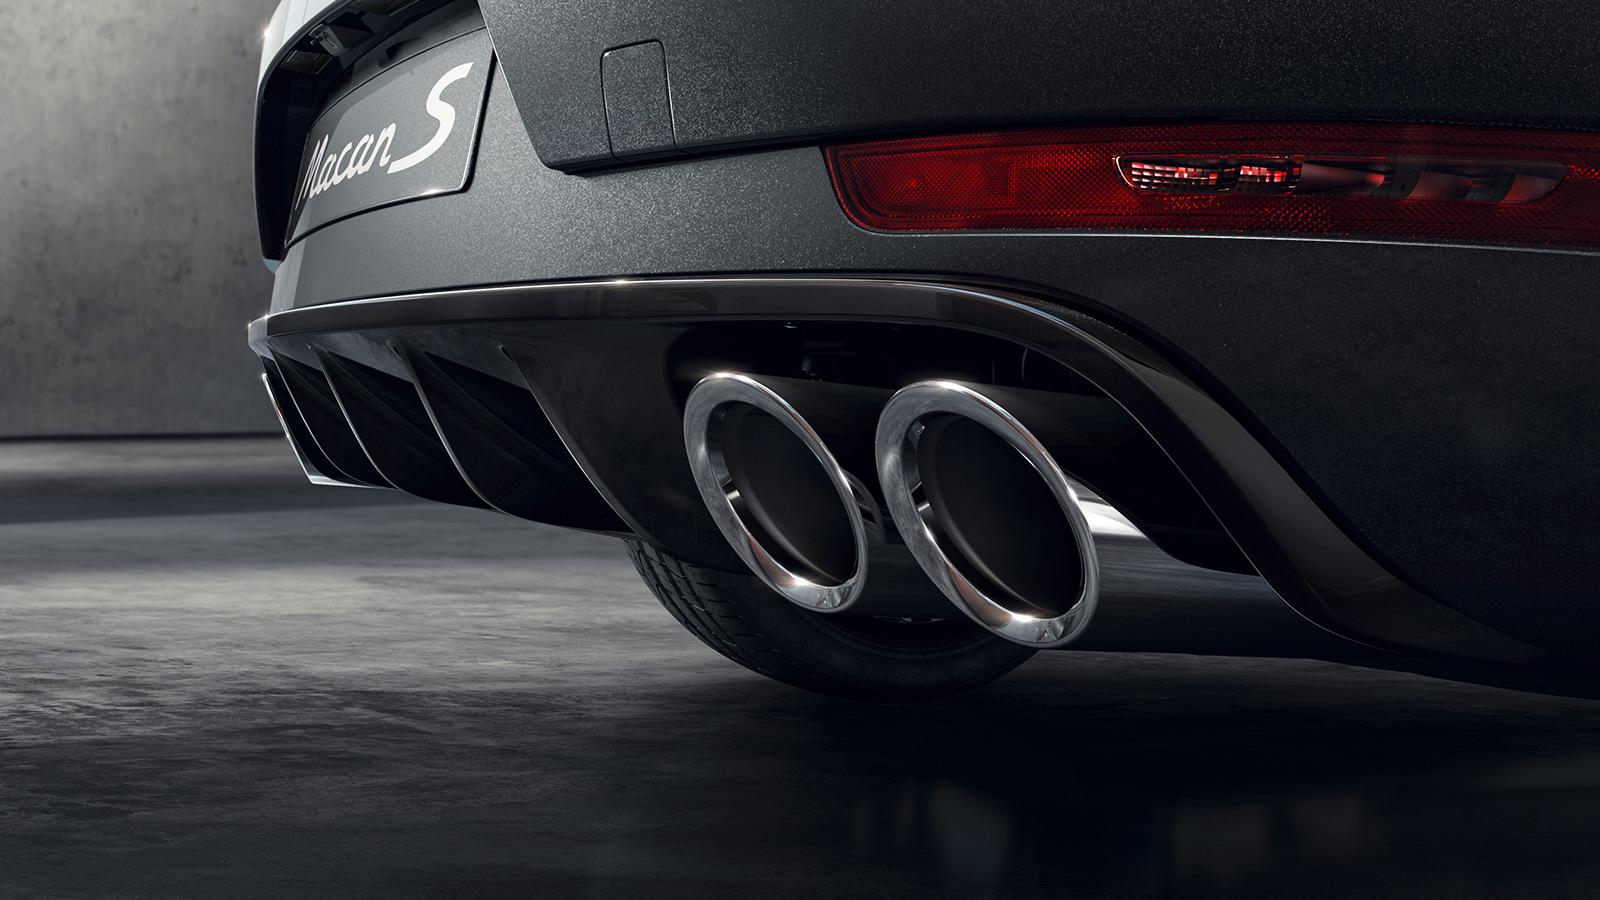 Porsche - Sistemas de escape y tubos de escape deportivos